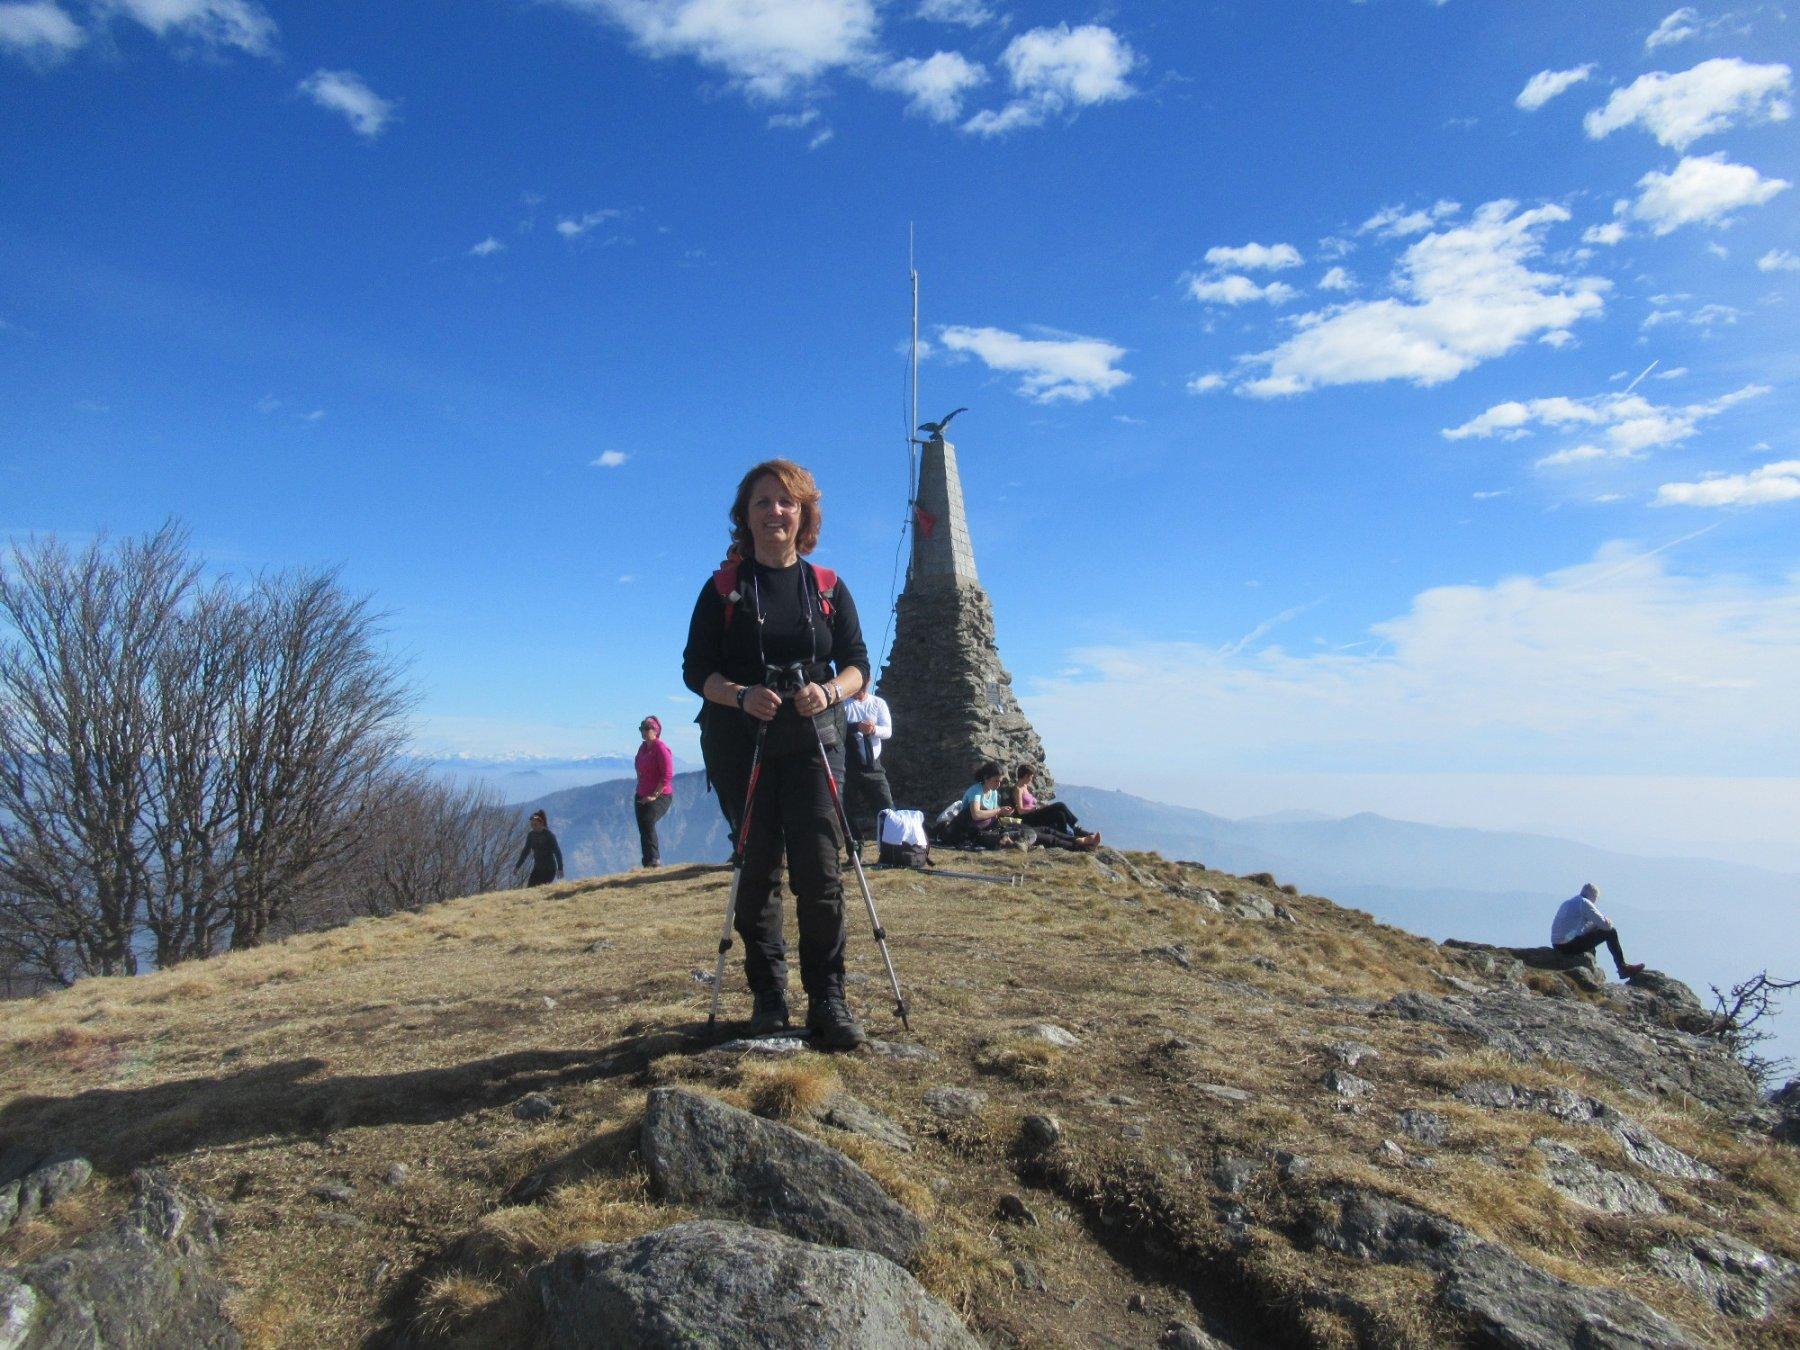 Monte Mazzoccone